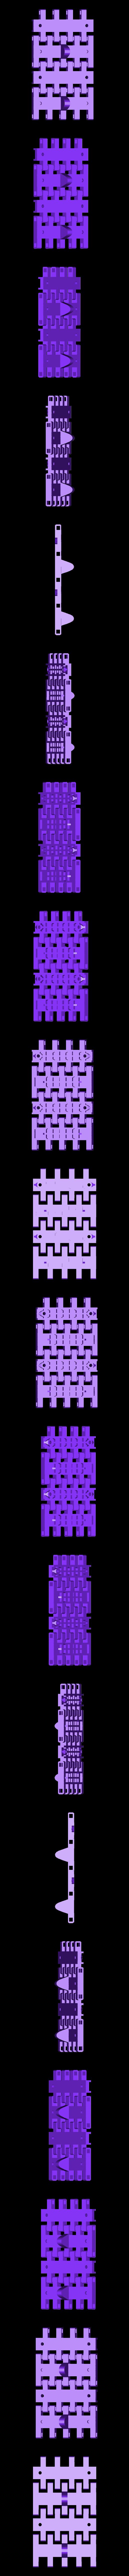 T-34-76 - tracks_WIDE_x4.stl Télécharger fichier STL T-34/76 pour l'assemblage, avec voies mobiles • Objet pour imprimante 3D, c47